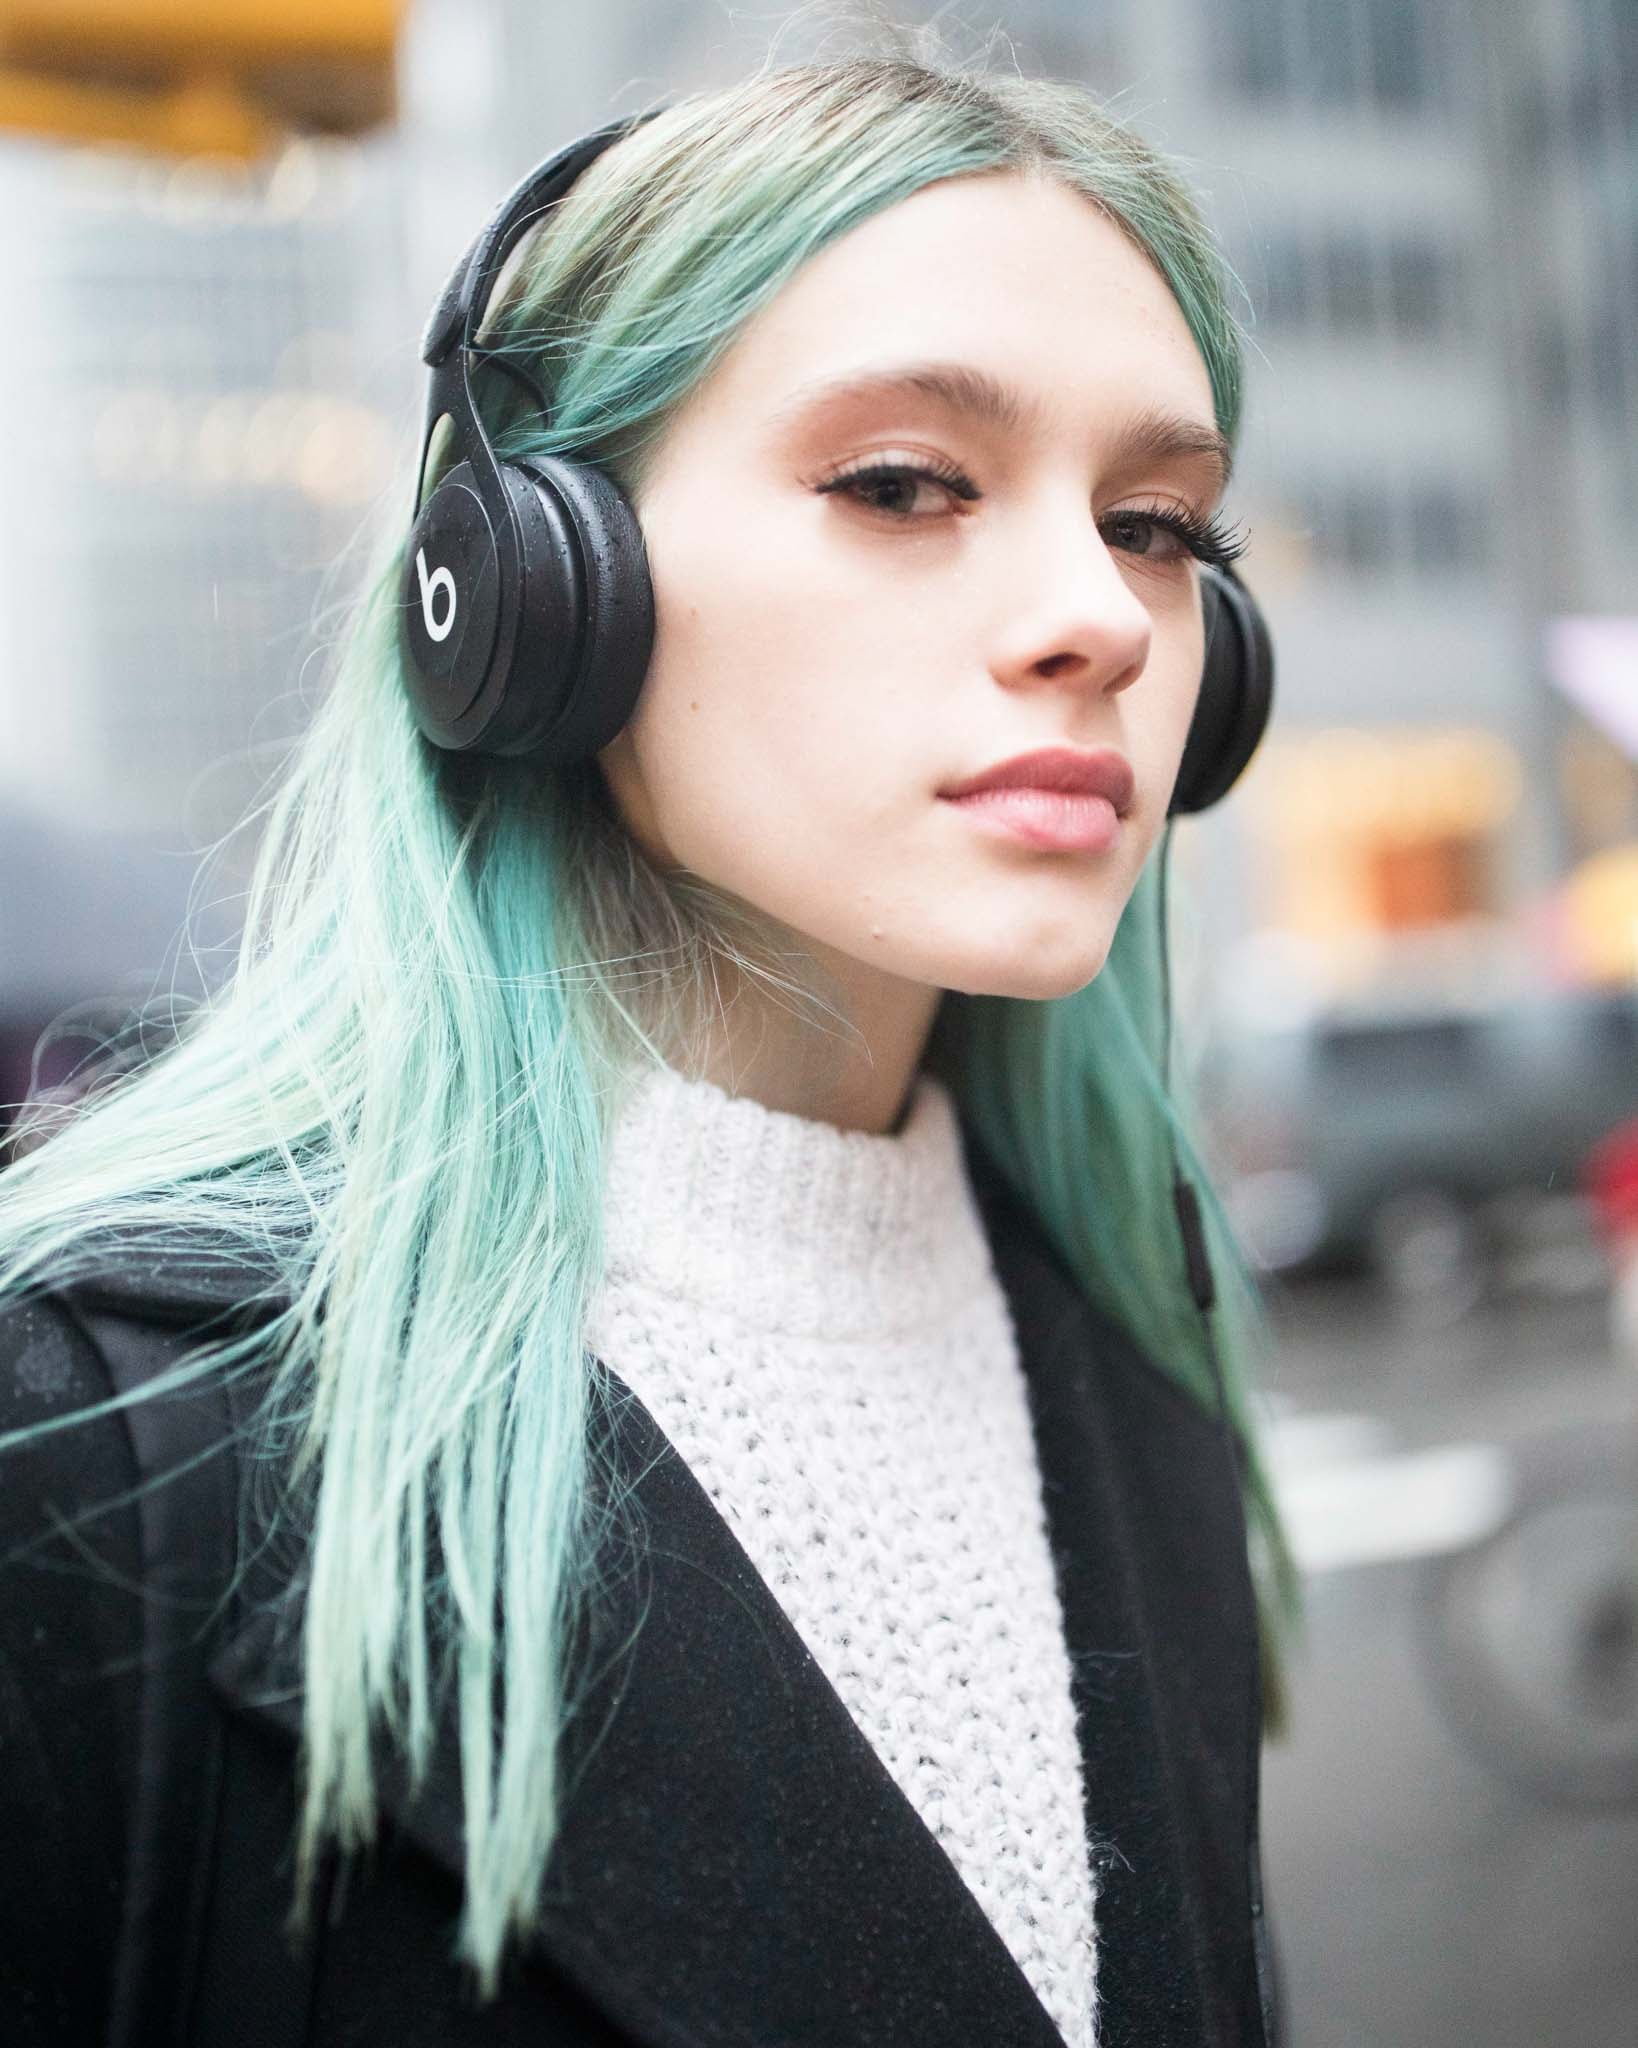 pelo largo tintura verde mechones raya al medio despeinado frizz